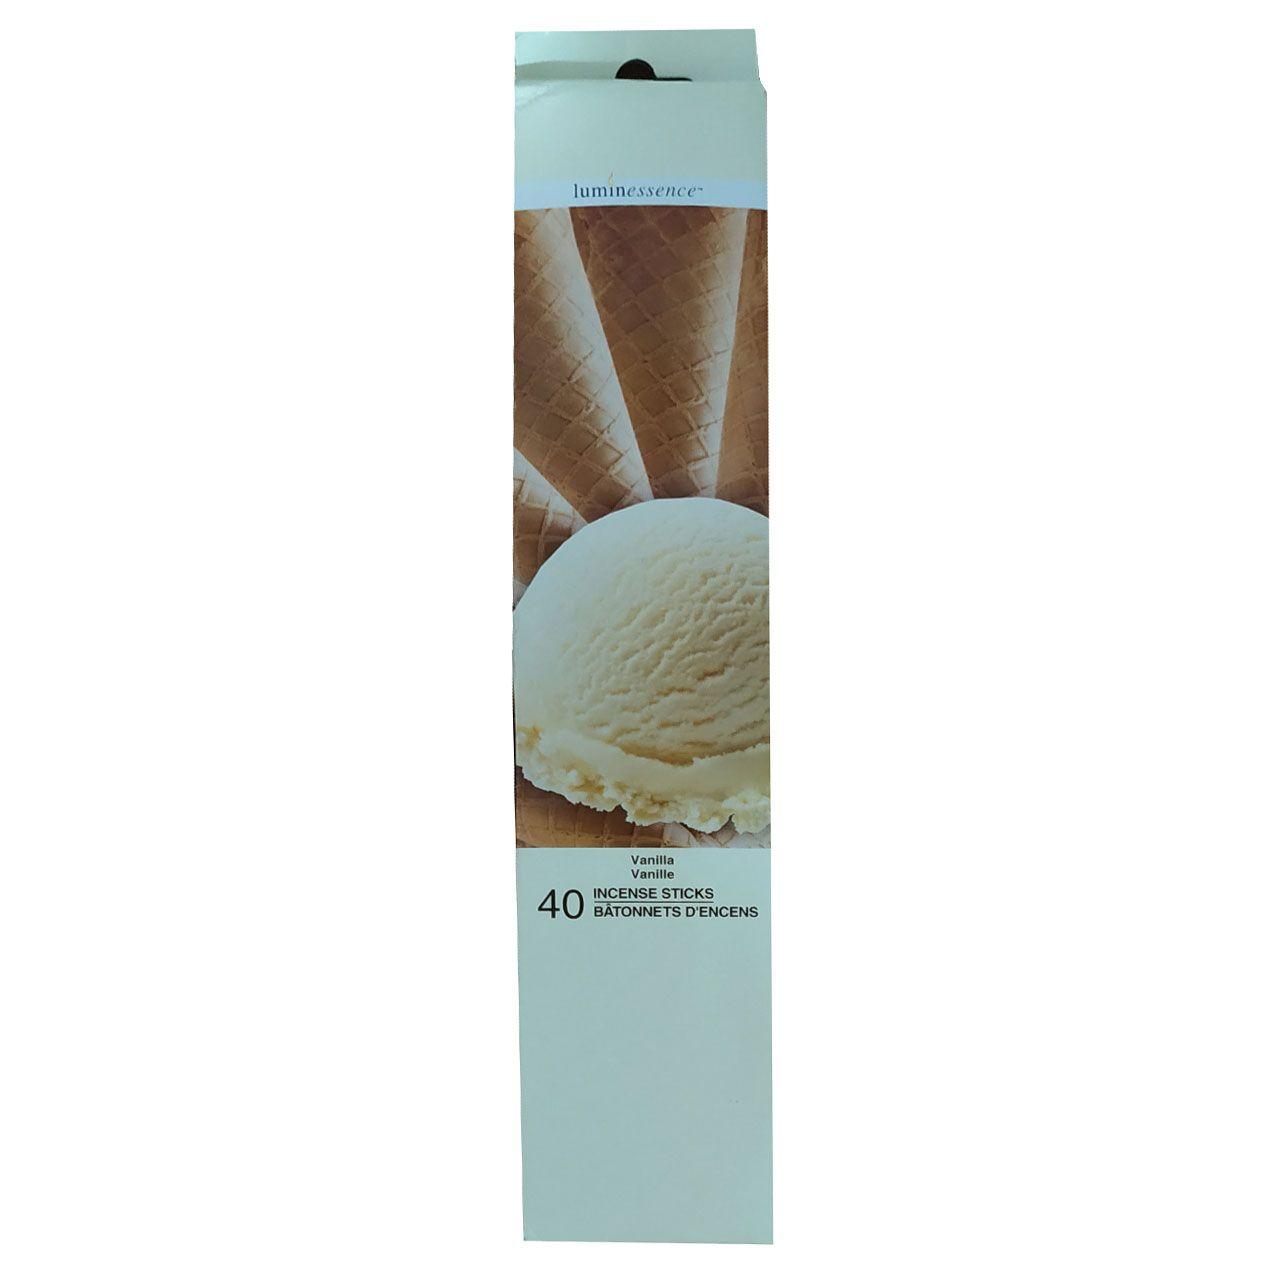 عود لومین اینسنس مدل vanille بسته 40 عددی